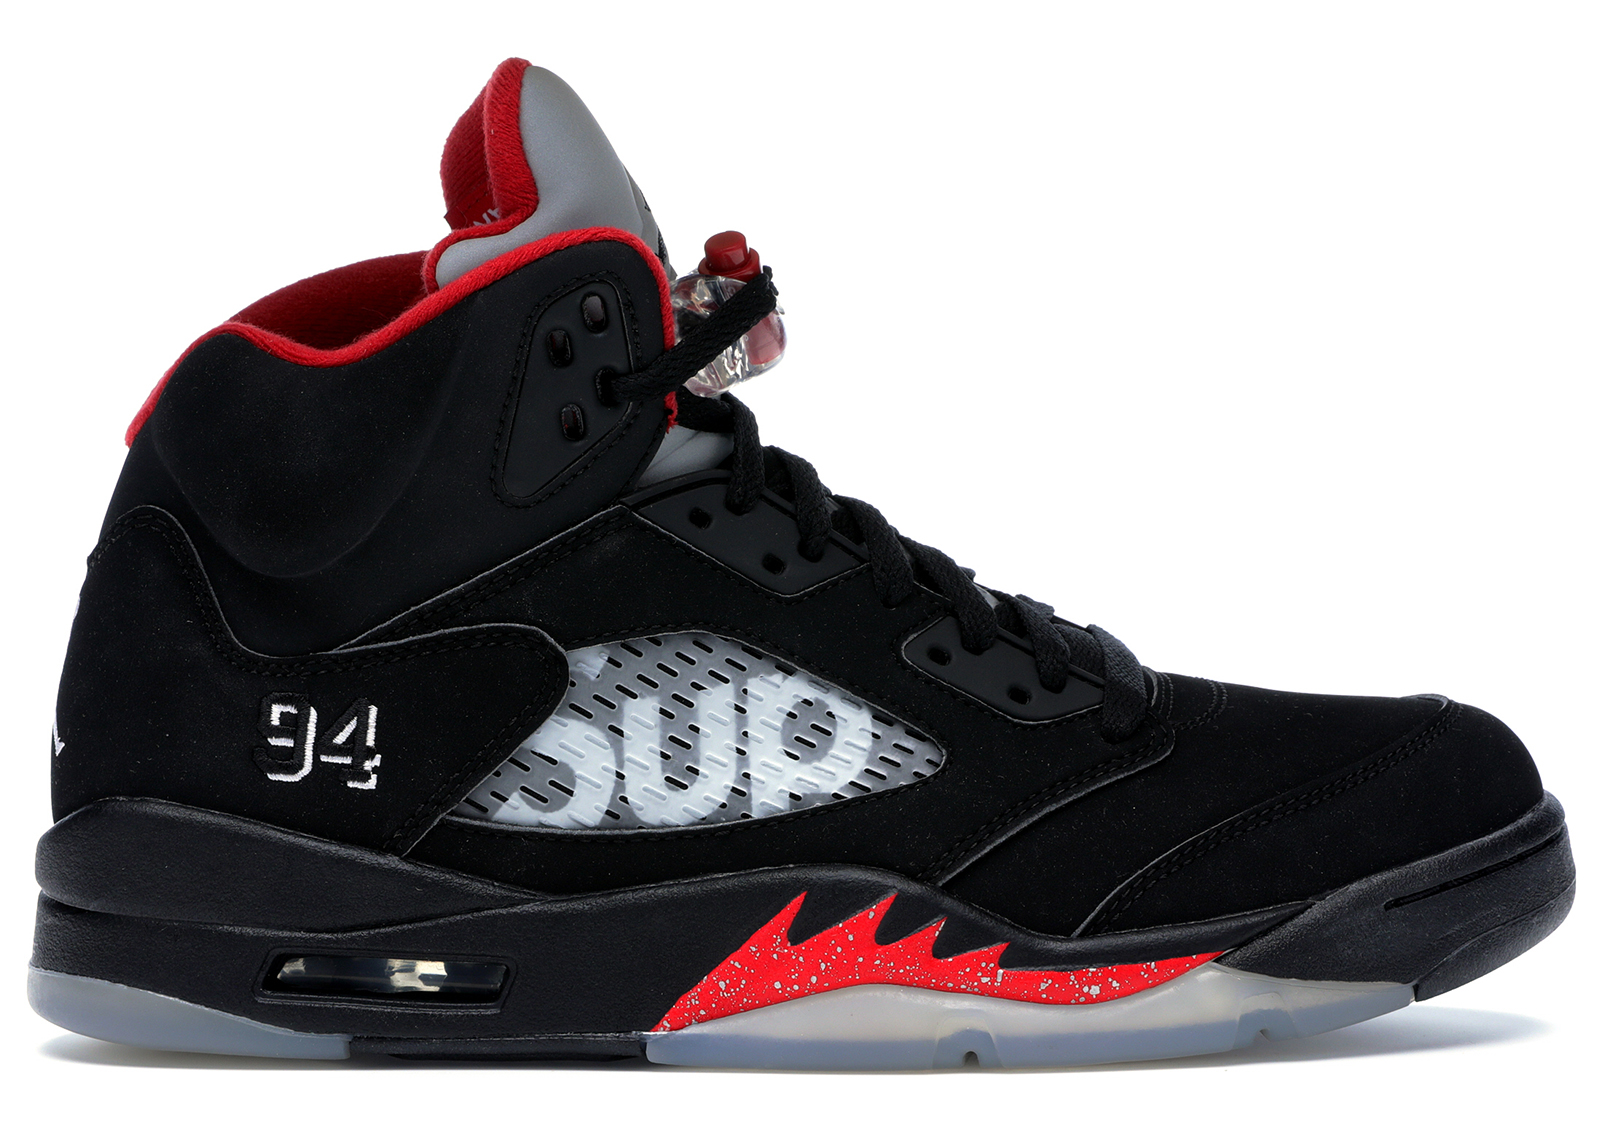 Jordan 5 Retro Supreme Black - 824371-001